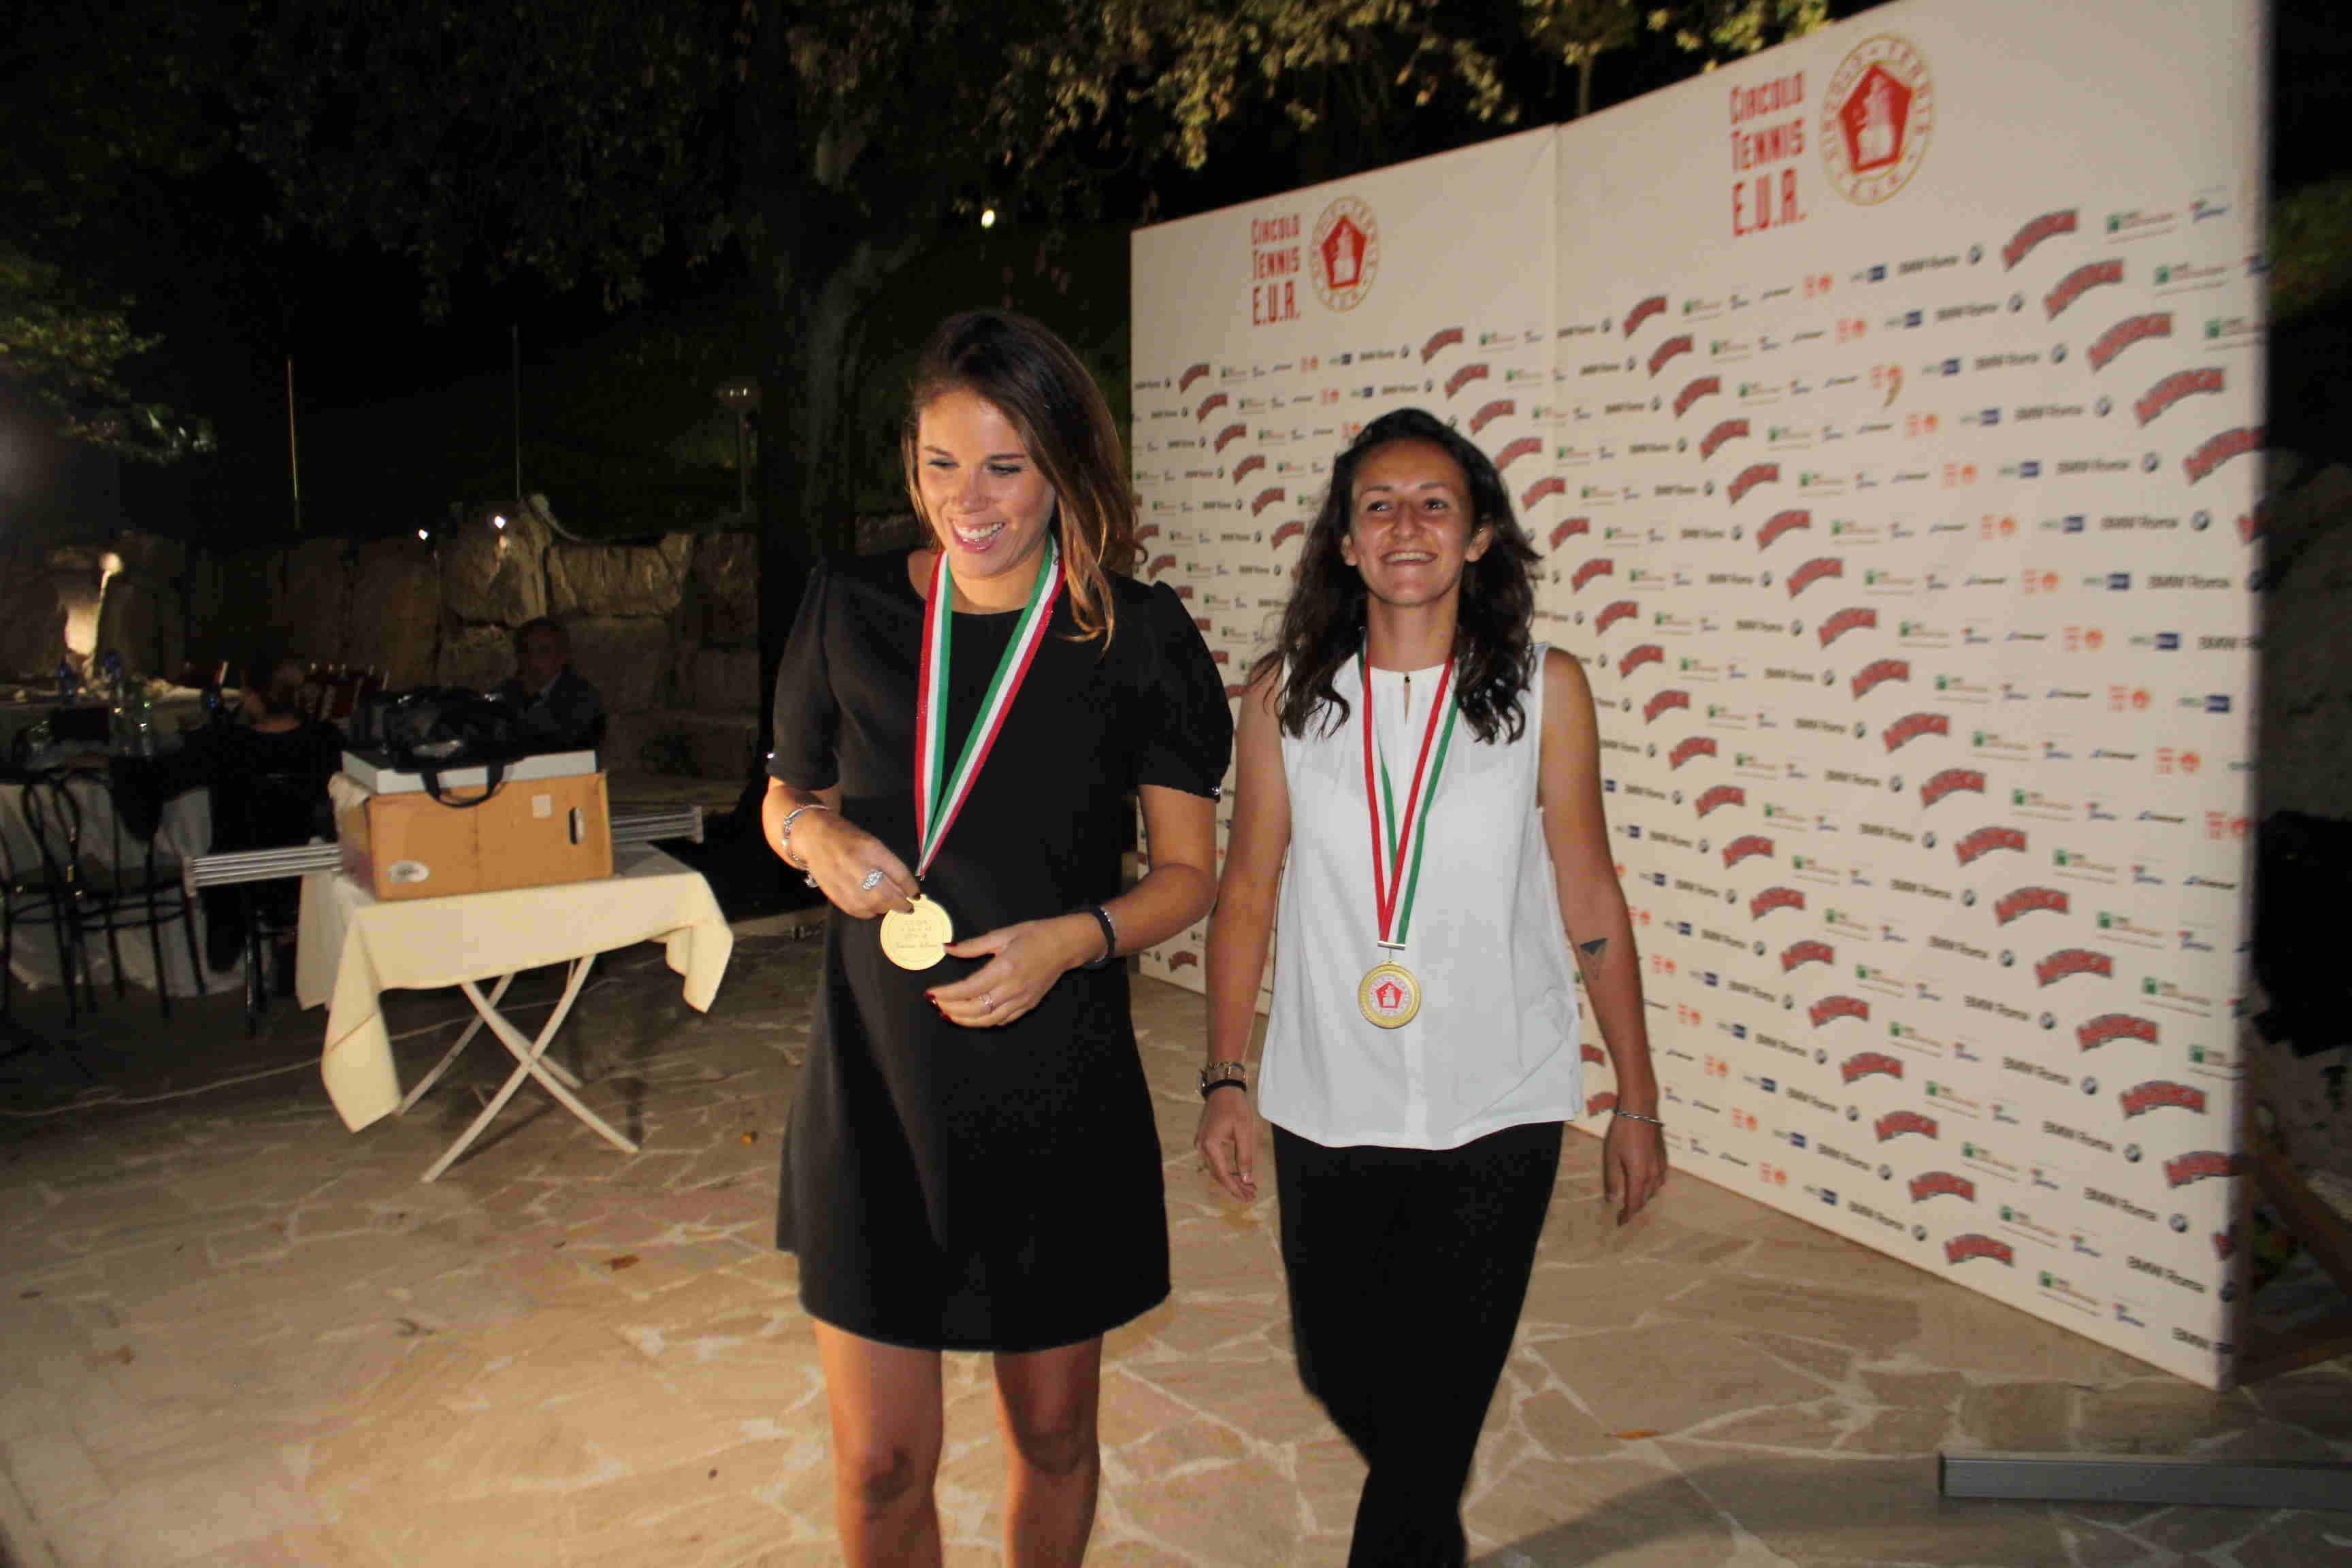 4 le Tenniste di serie A Francesca Ballarini (sx) e Alessandra Amodeo